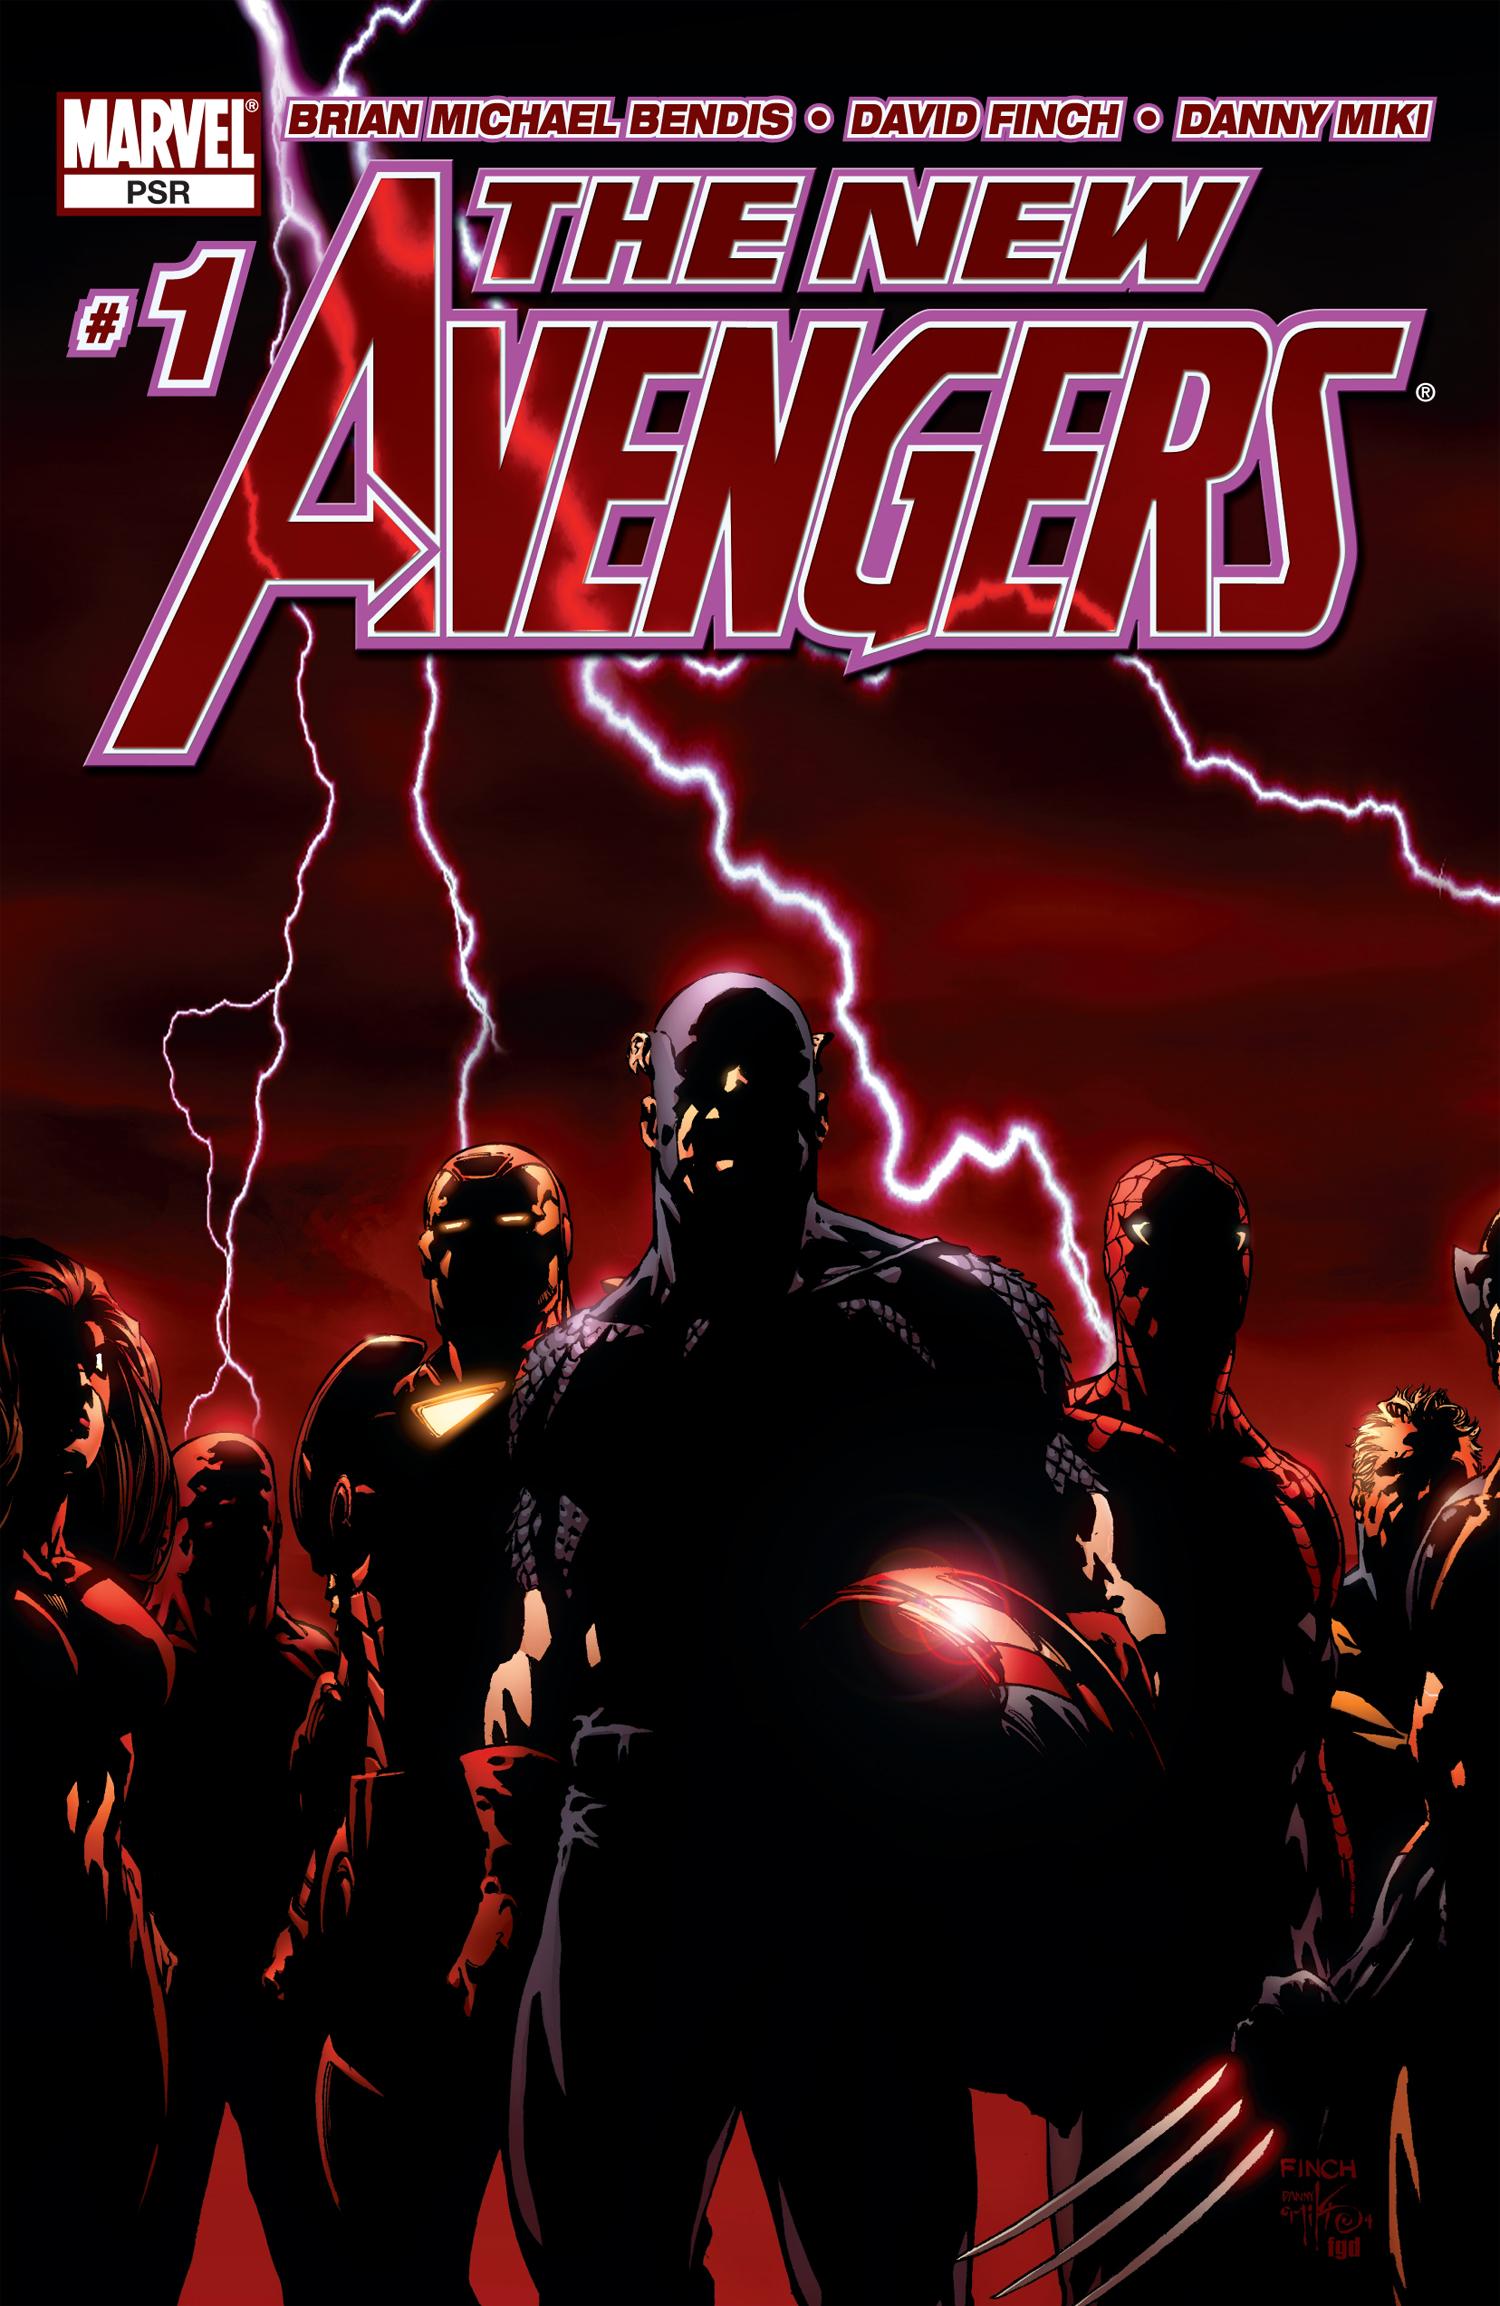 COLECCIÓN DEFINITIVA: VENGADORES [UL] [cbr] New_Avengers_Vol_1_1